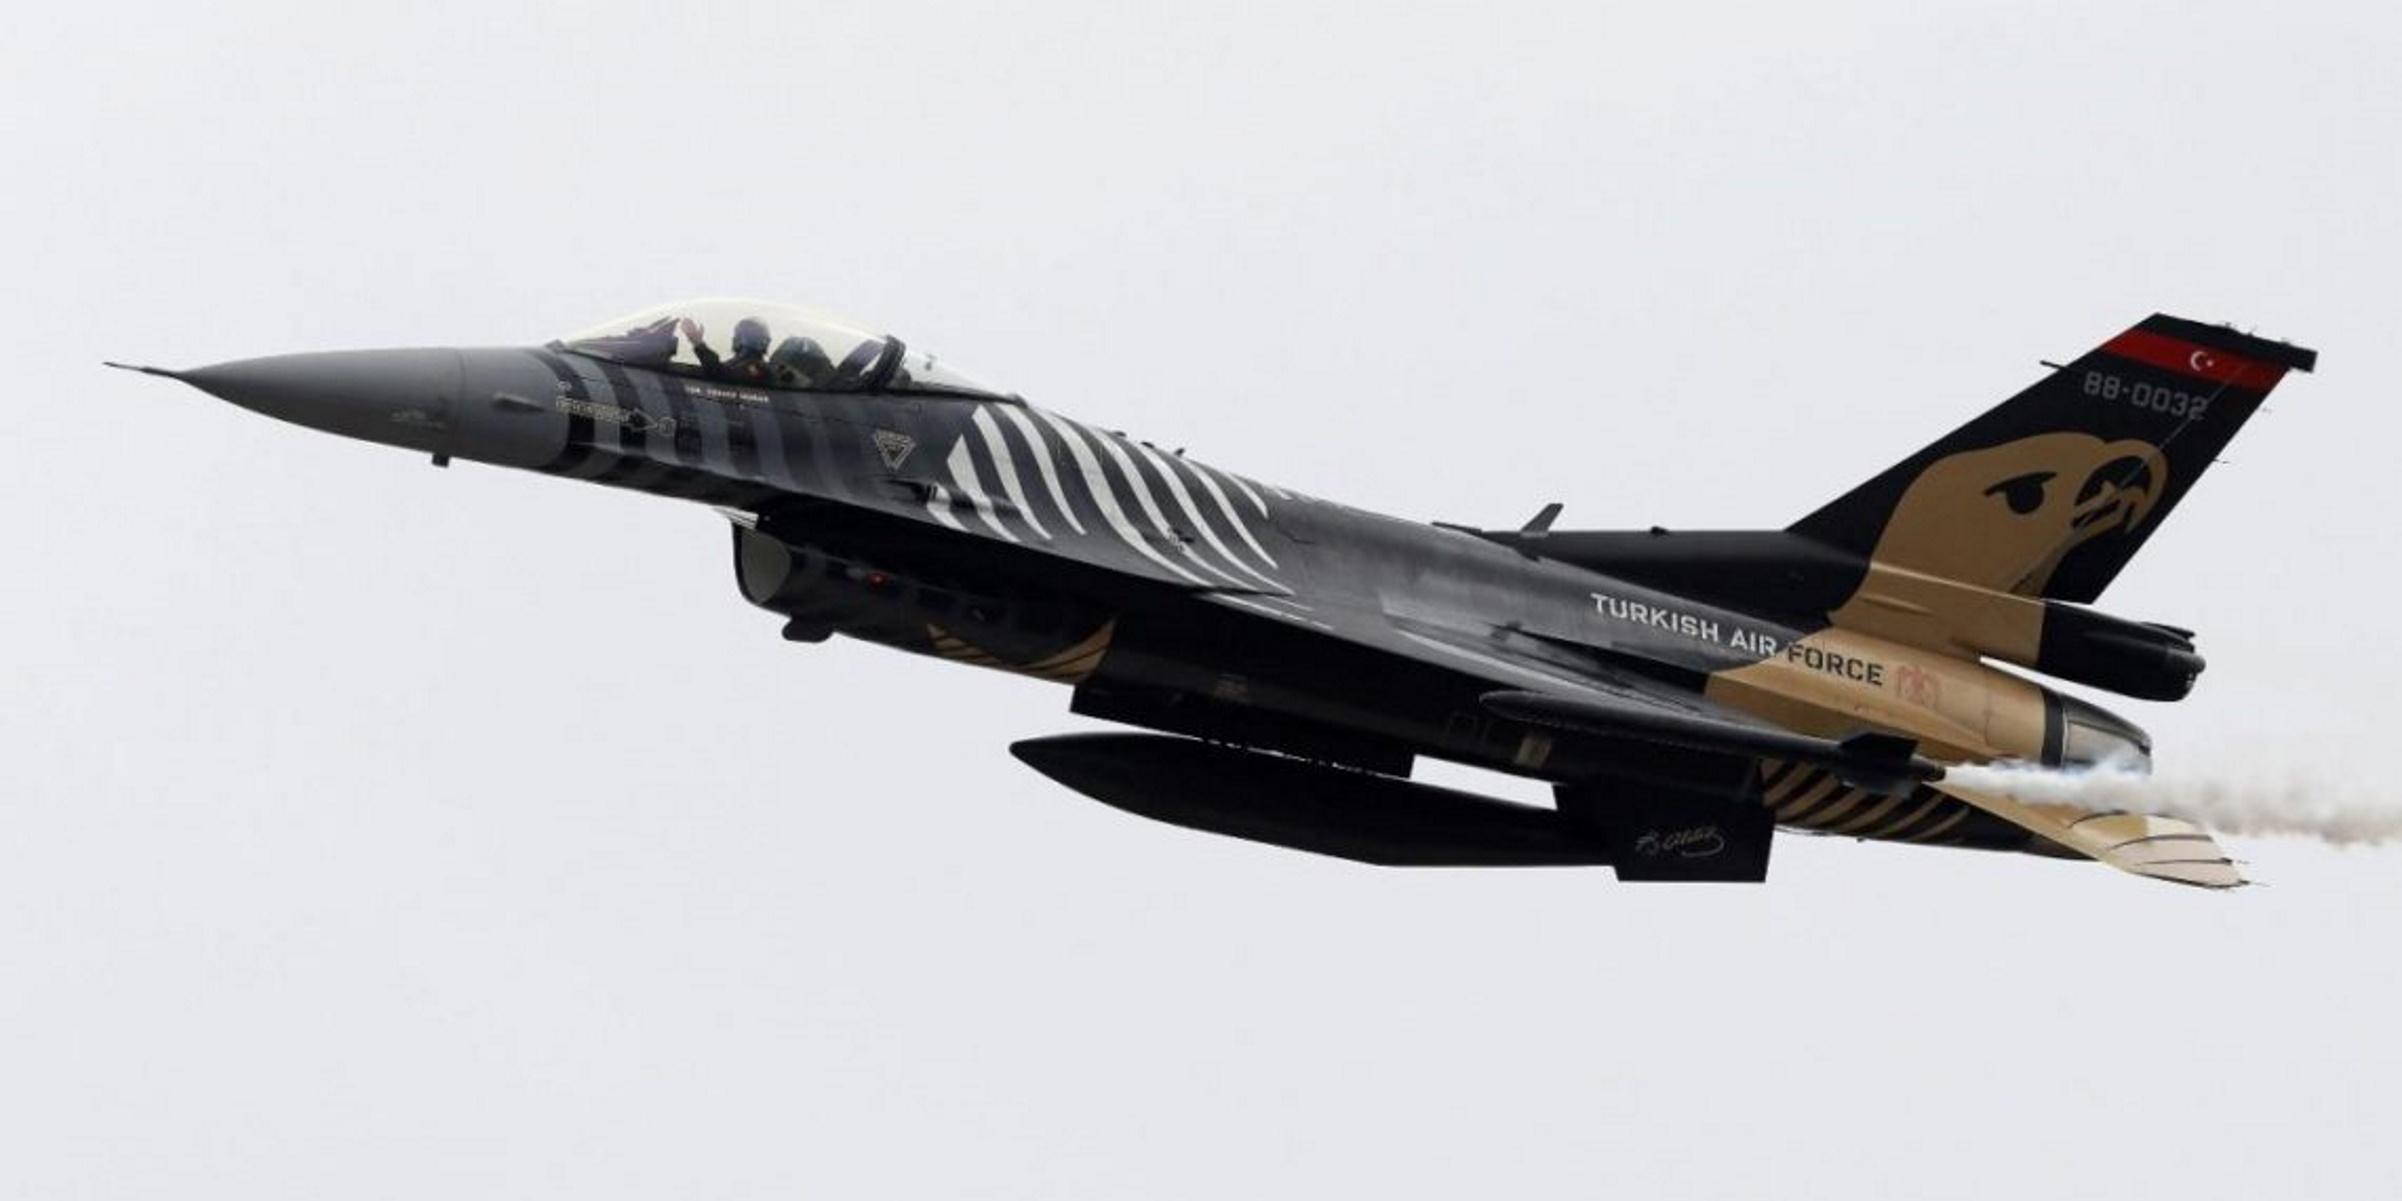 Αιγαίο: 51 παραβιάσεις τουρκικών F-16 και CN-235 πριν την άφιξη Τσαβούσογλου!